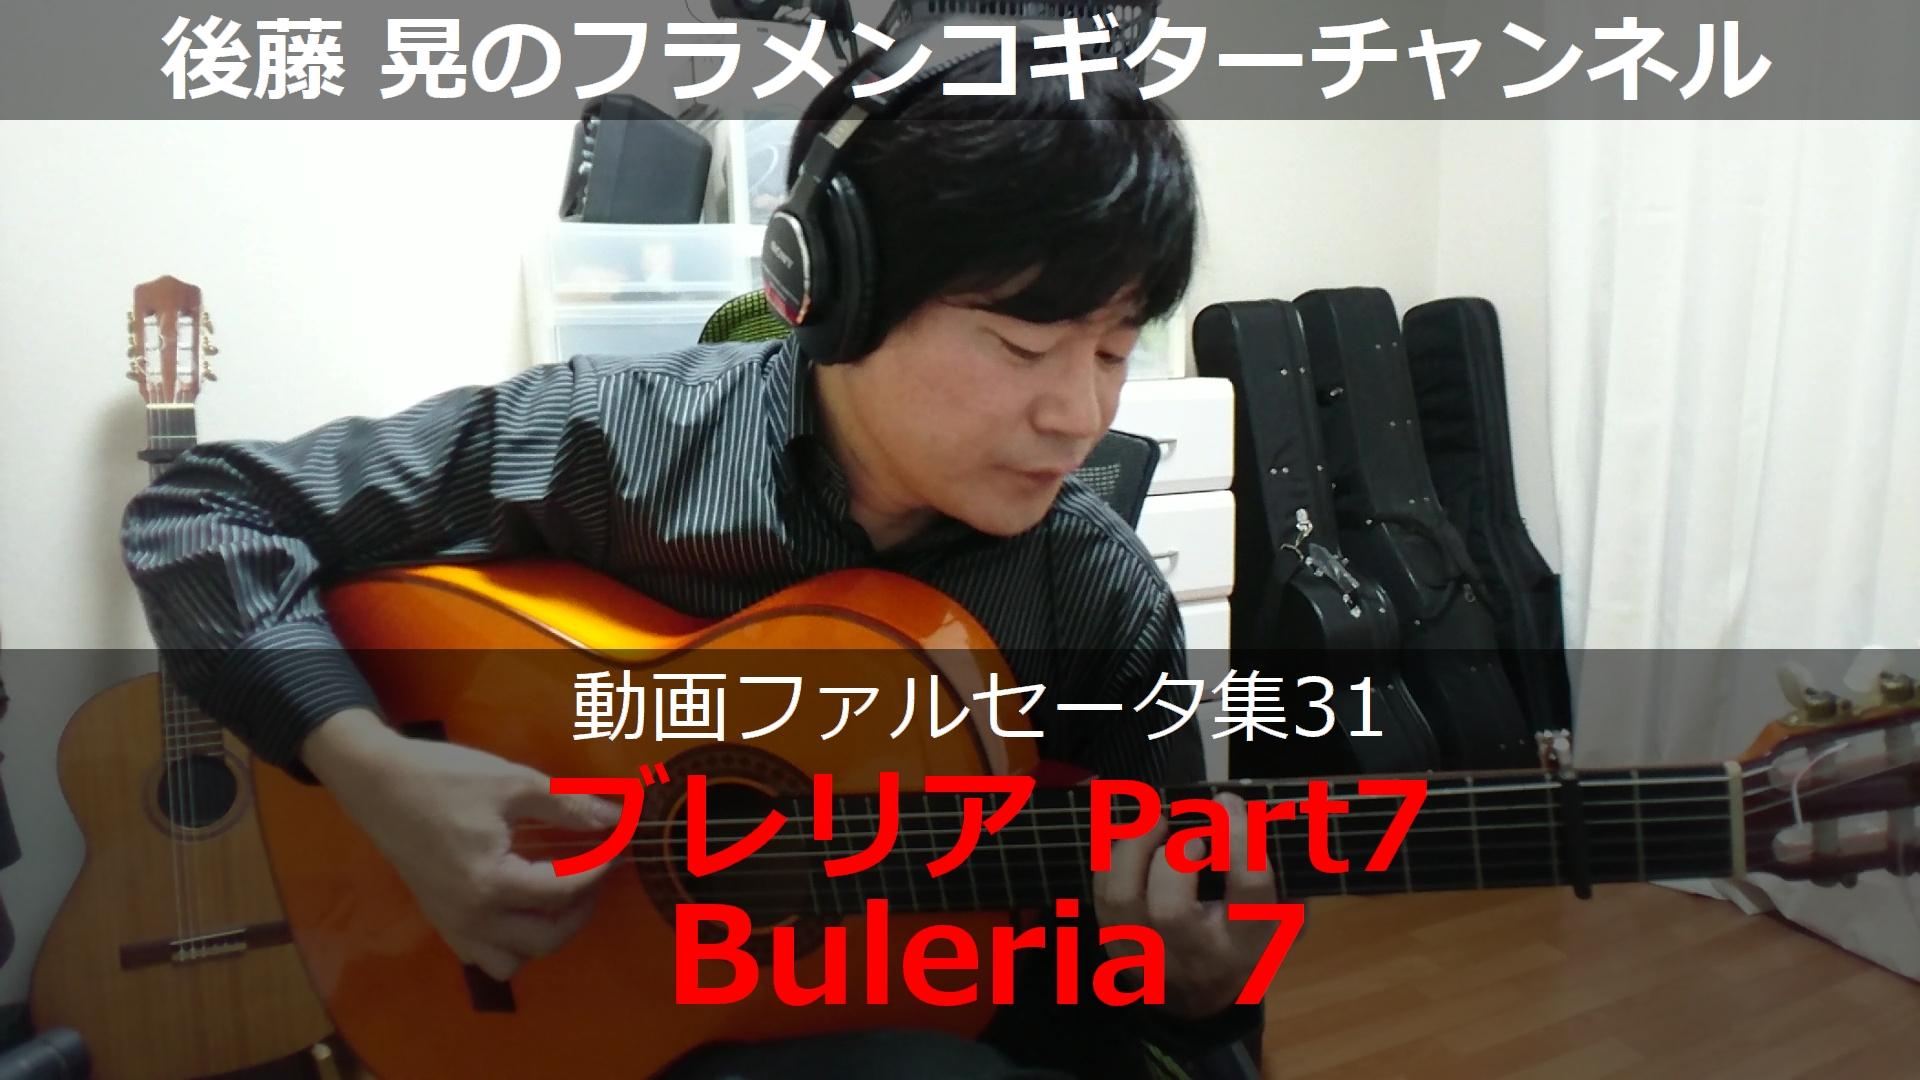 ブレリアPart7 ギター演奏